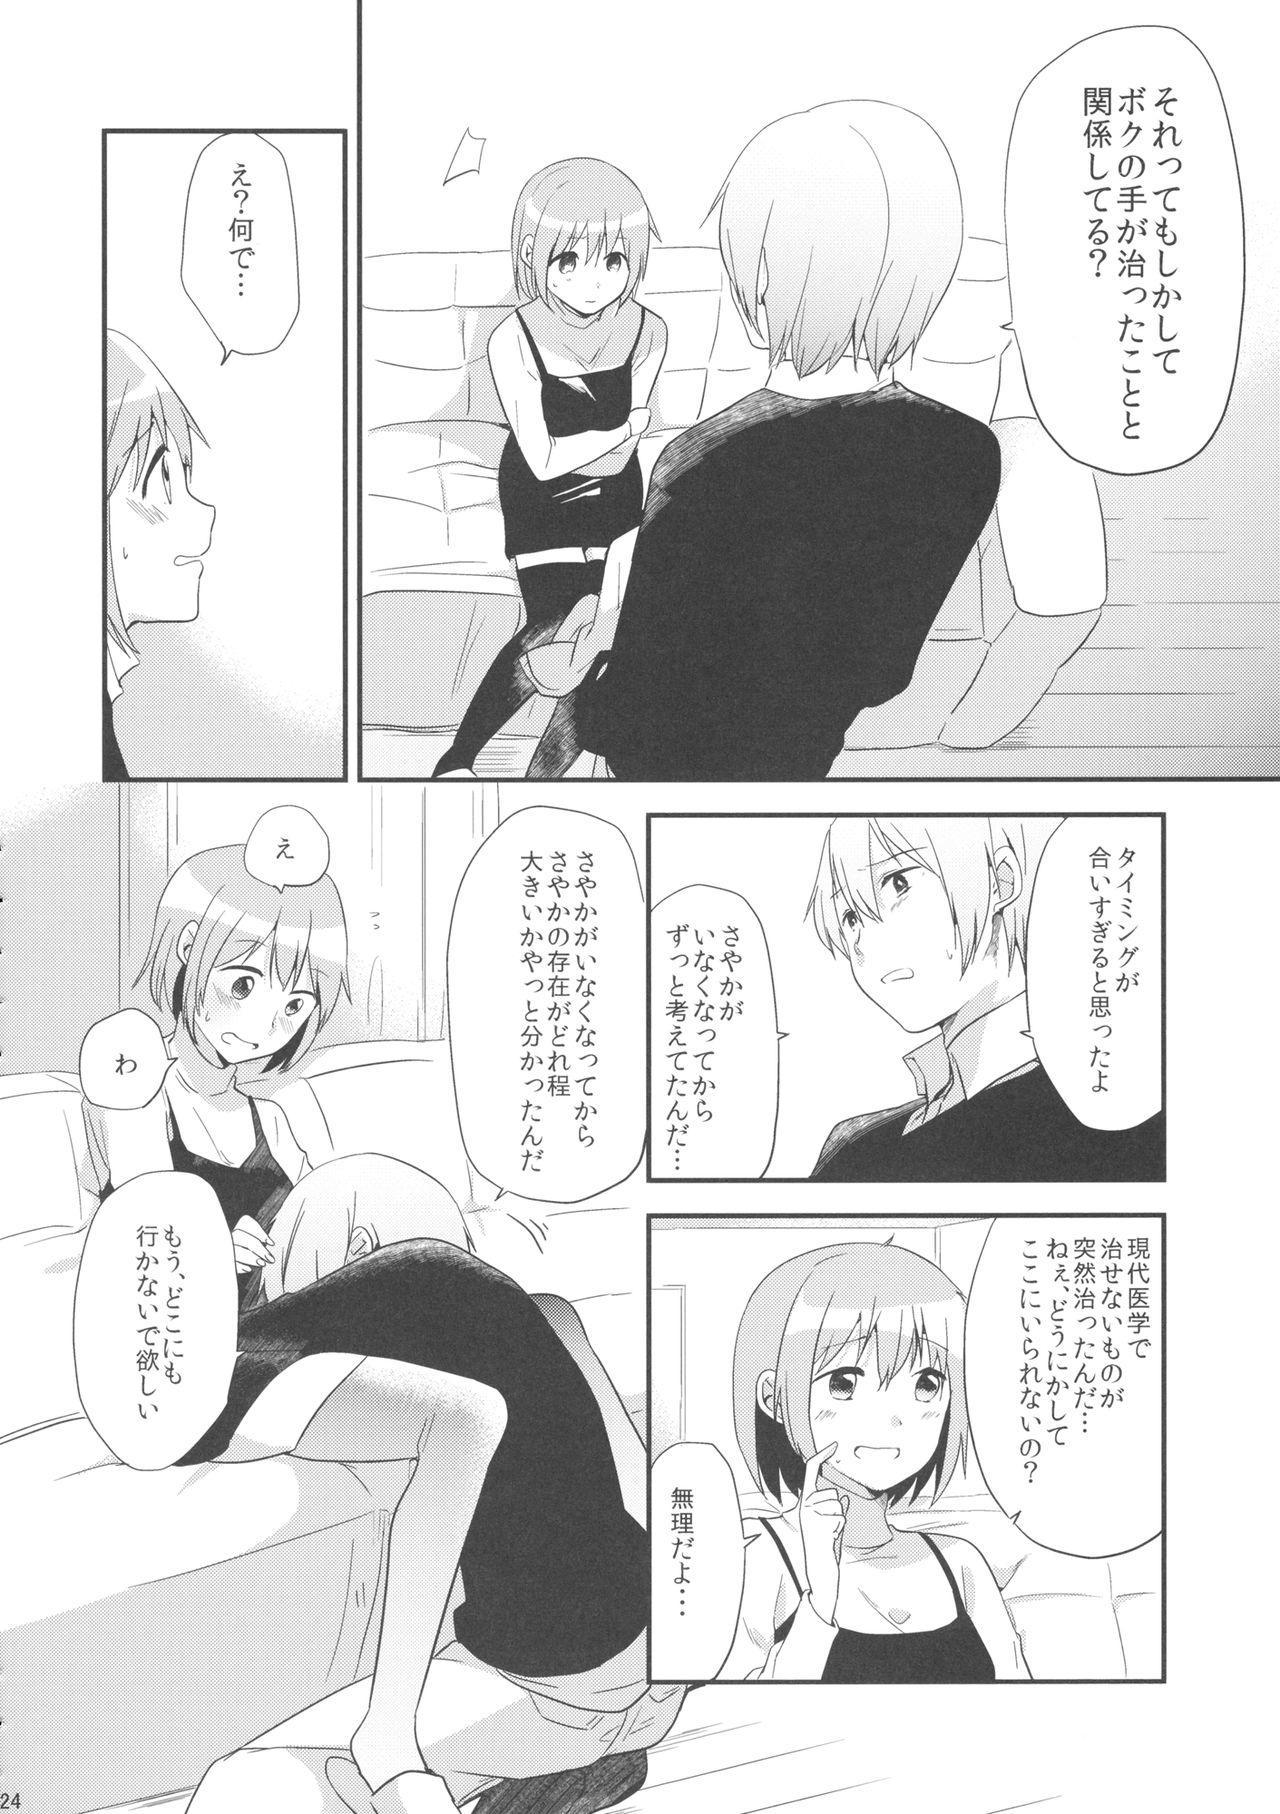 if Kanzenban 22